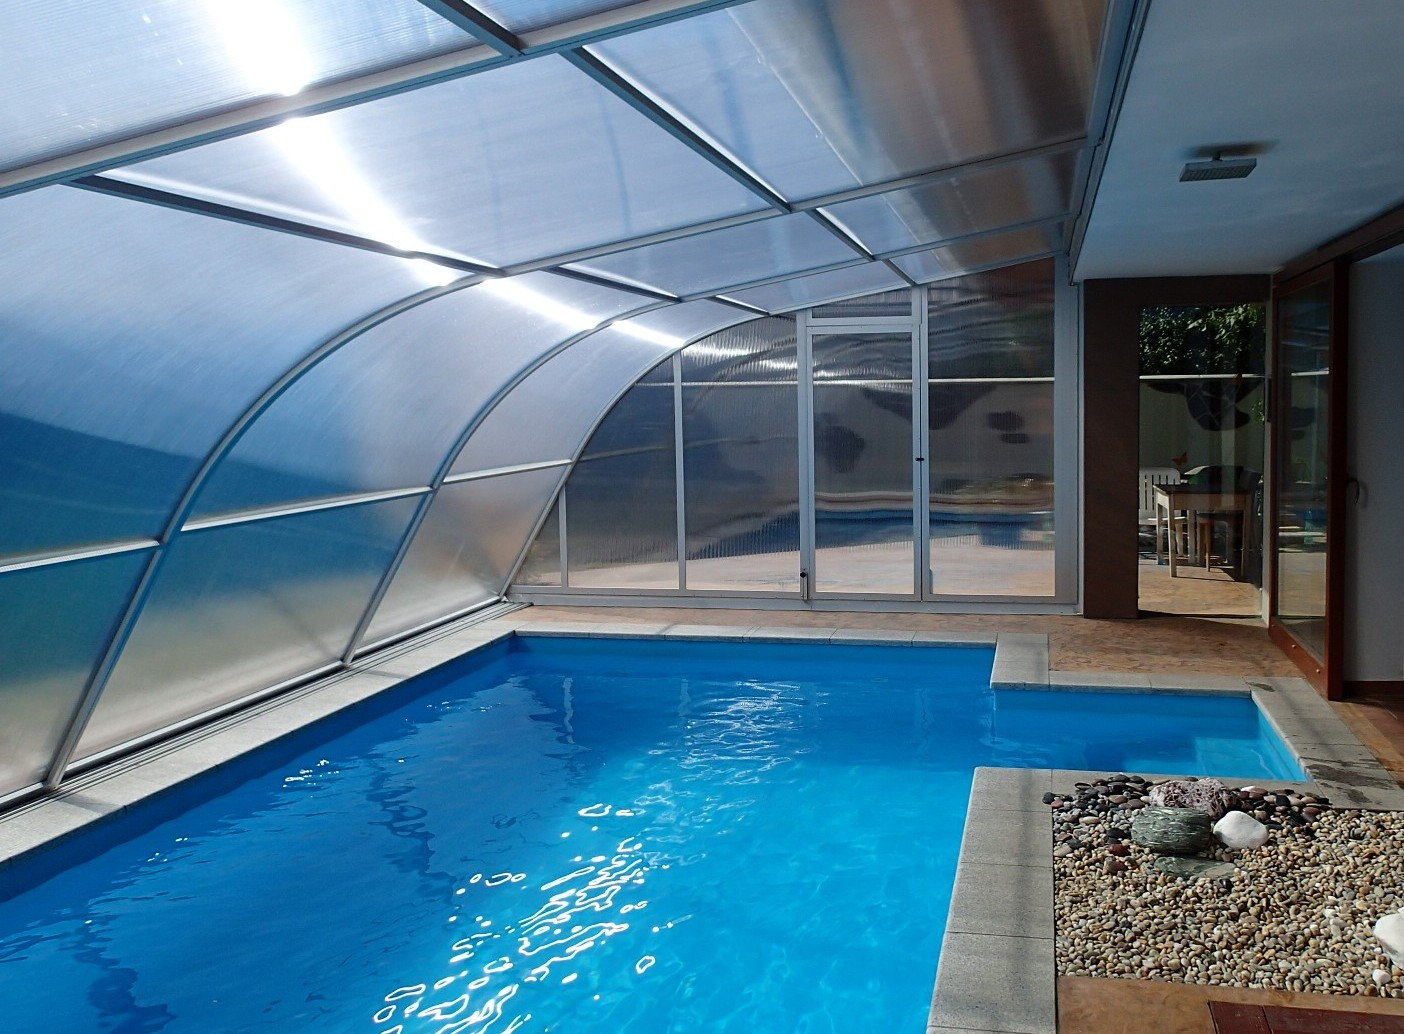 A další foto z vnitřní strany zakrytí bazénu